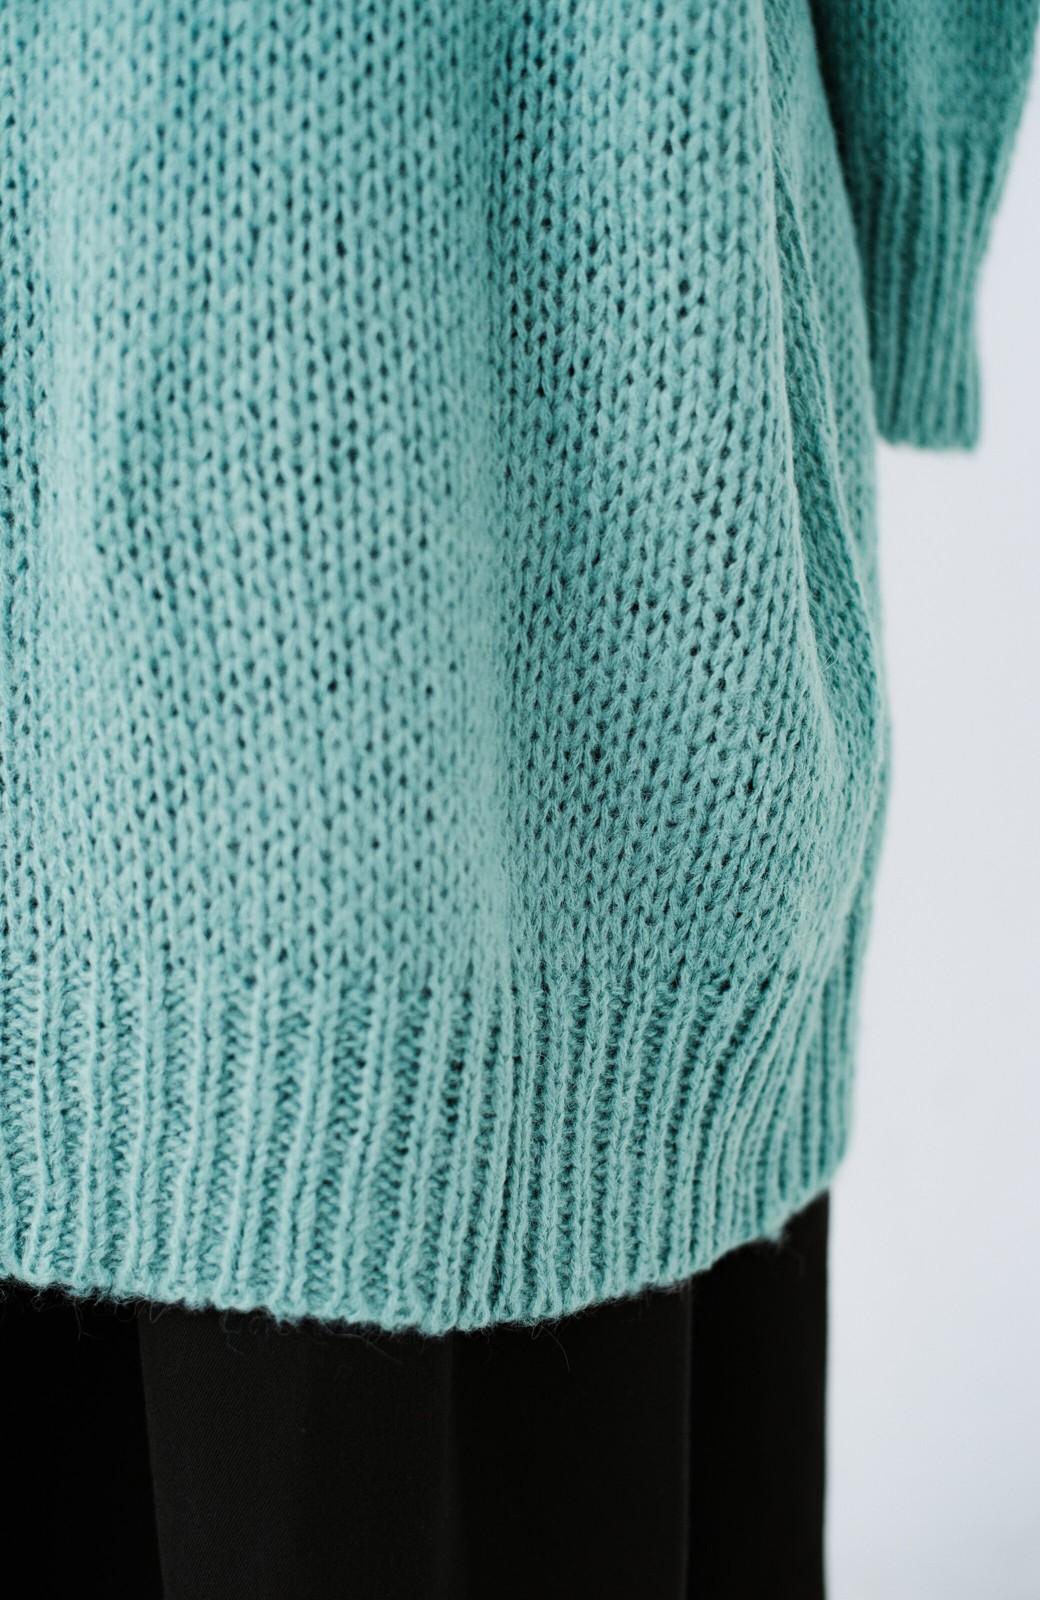 haco! ゆるゆるゆる編みで軽やかにかわいくなれる 前後ろ2WAYカーディガン <ミント>の商品写真13